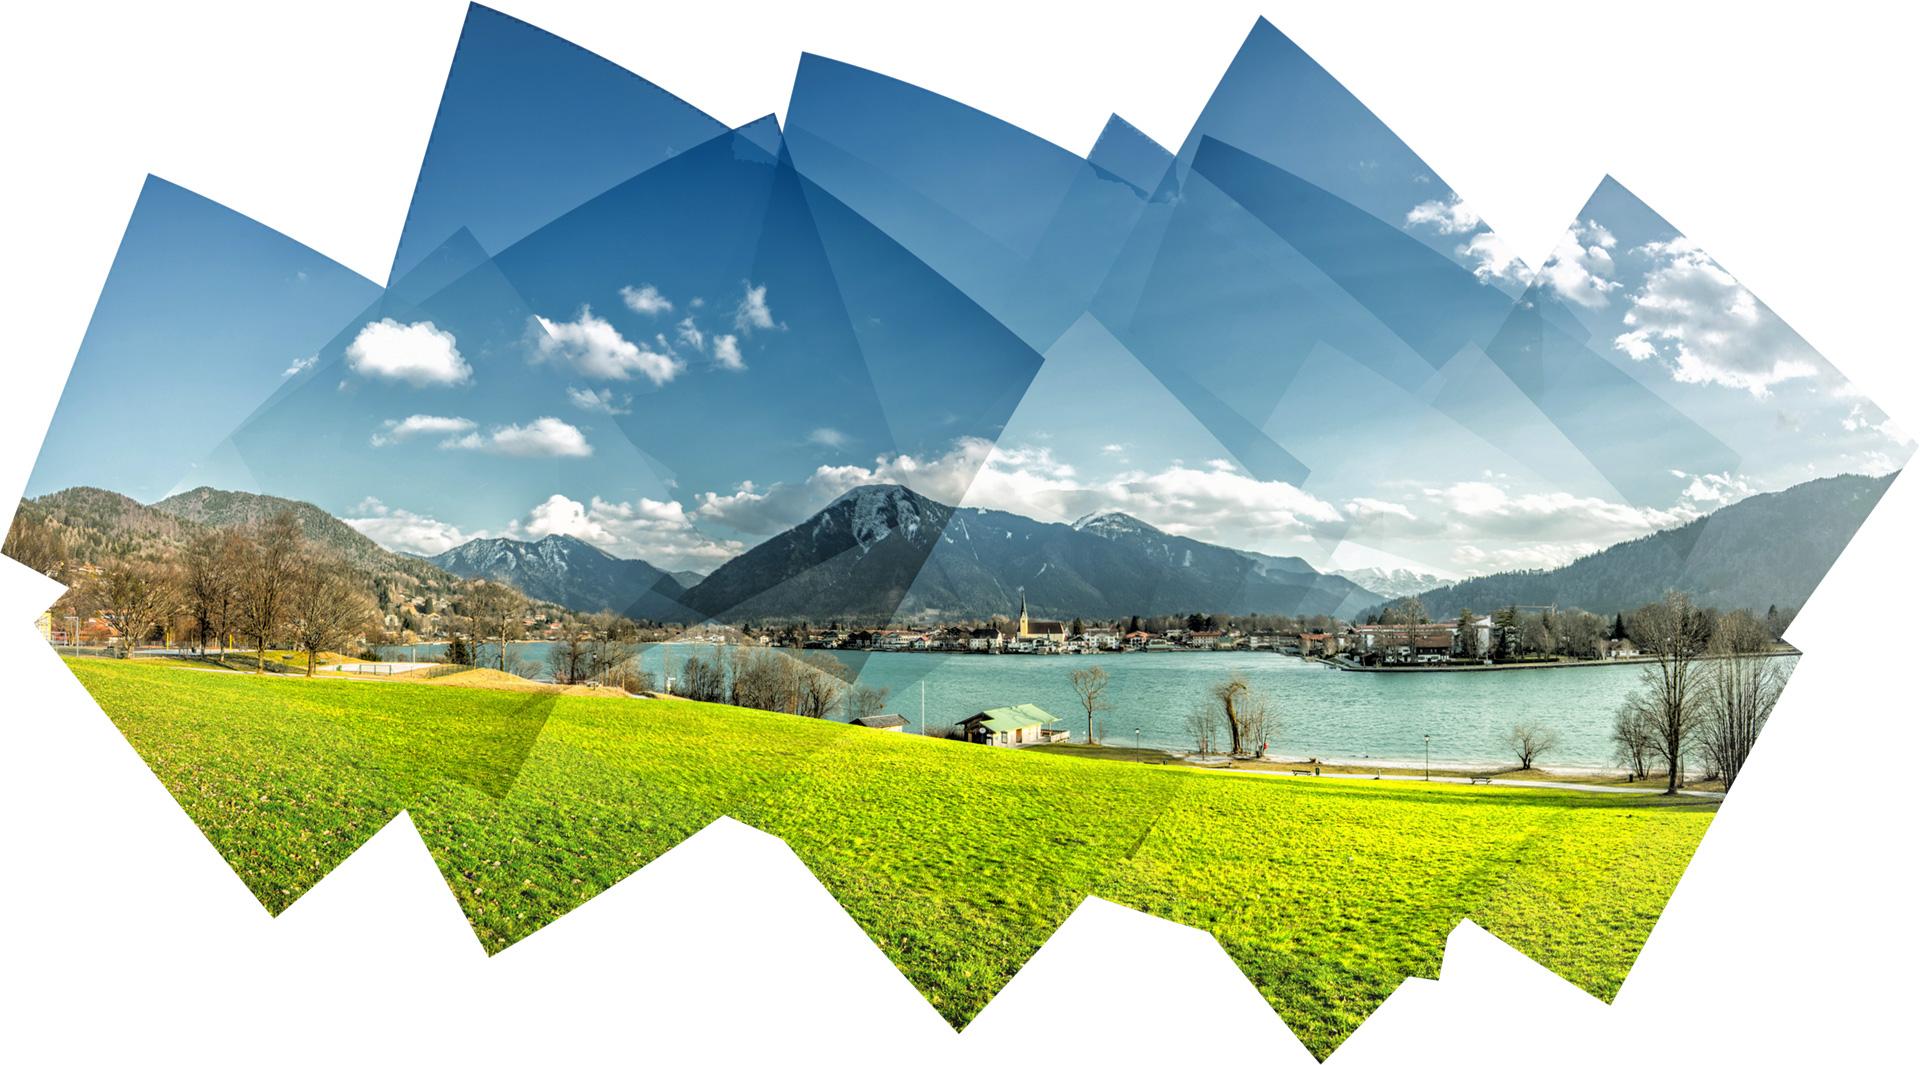 Panografie - Imposanter Blick von der Point in Tegernsee auf Rottach-Egern und den Wallberg